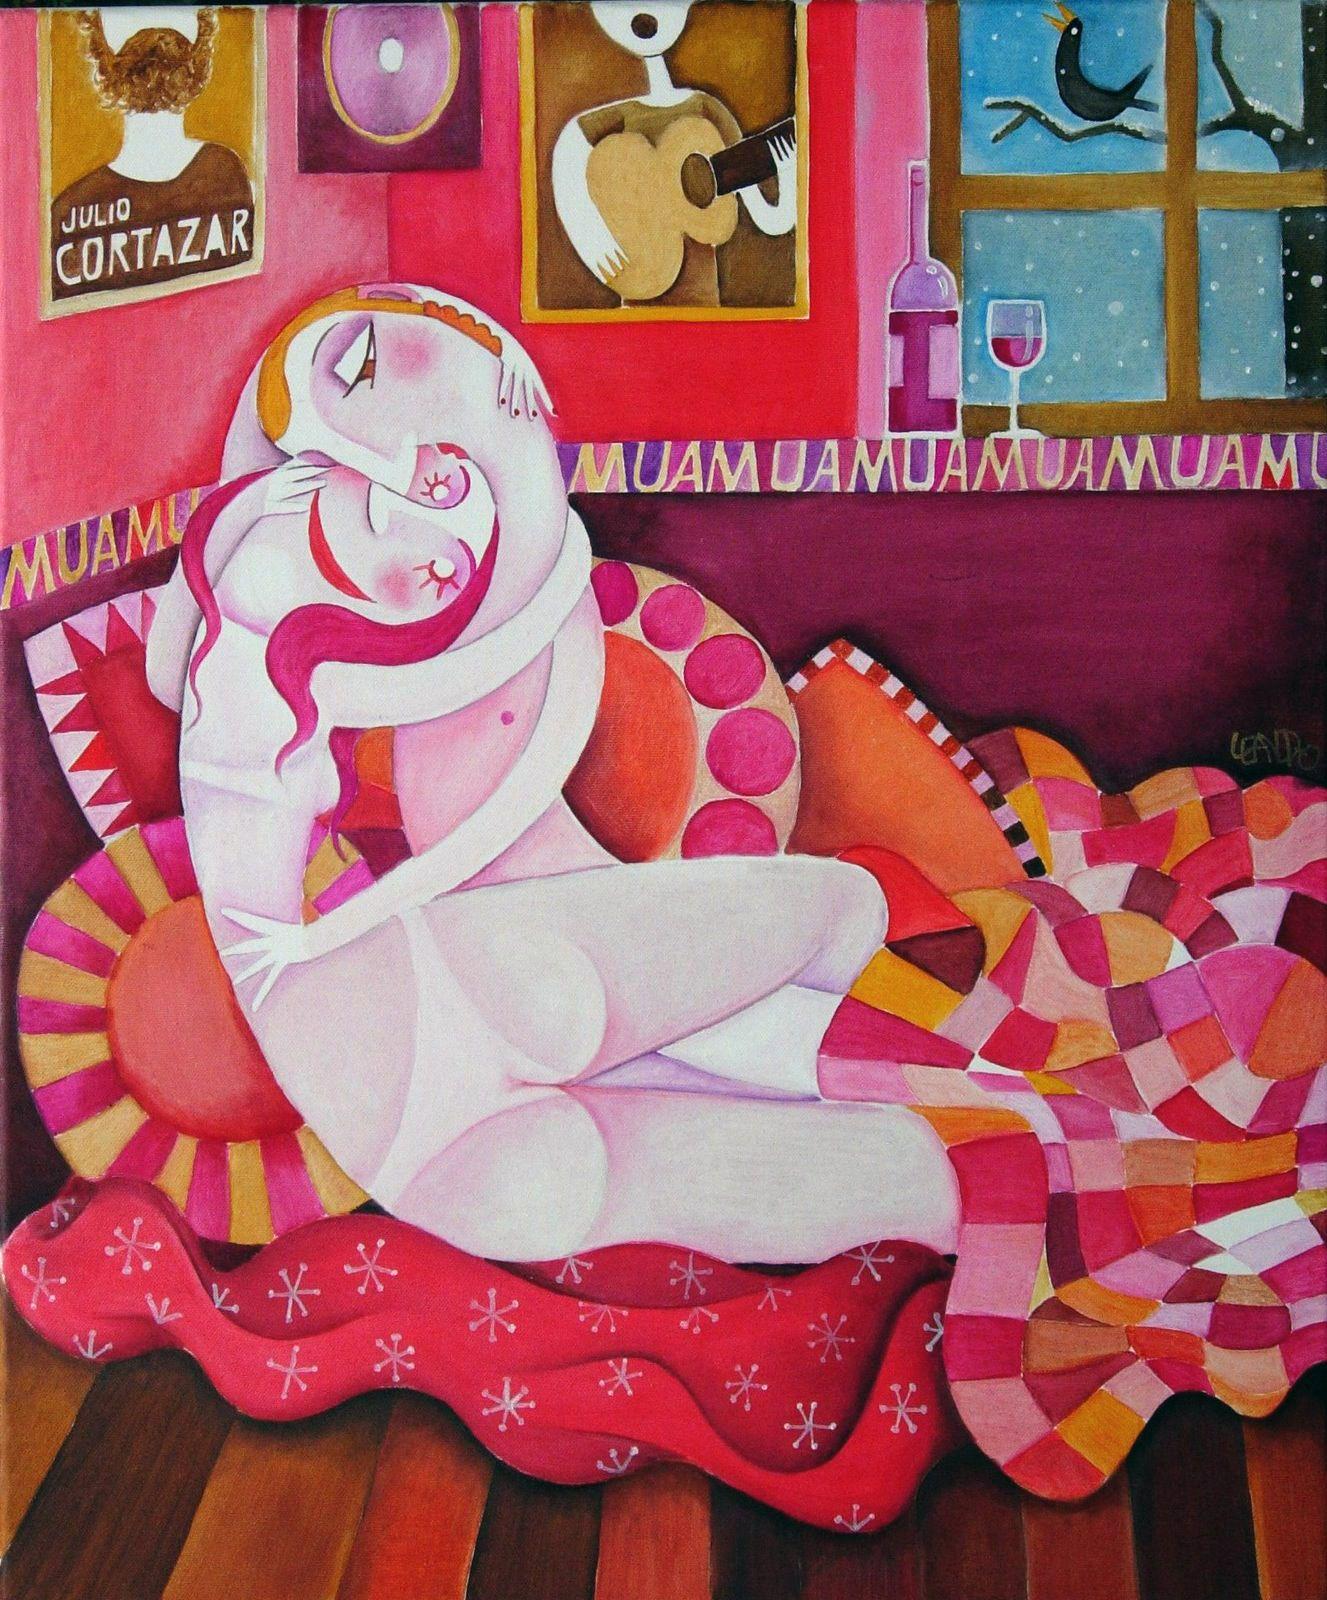 Muamuamua Jpg 1327 1600 Ilustraciones Cortazar A Dormir